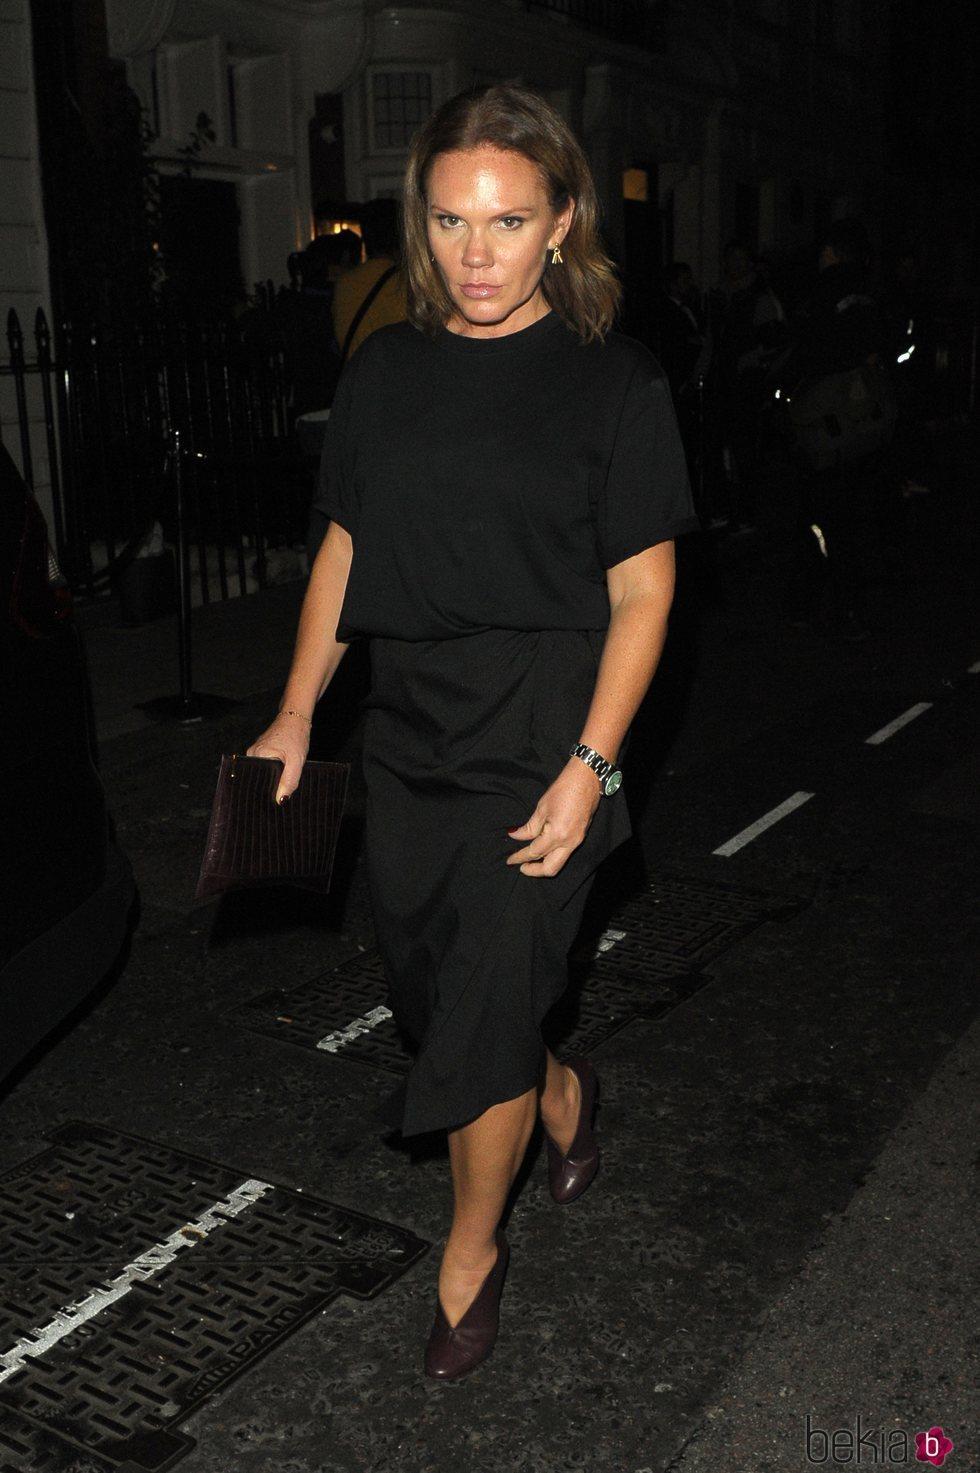 Louise Adams acude a la fiesta de su hermana, Victoria Beckham, en Londres